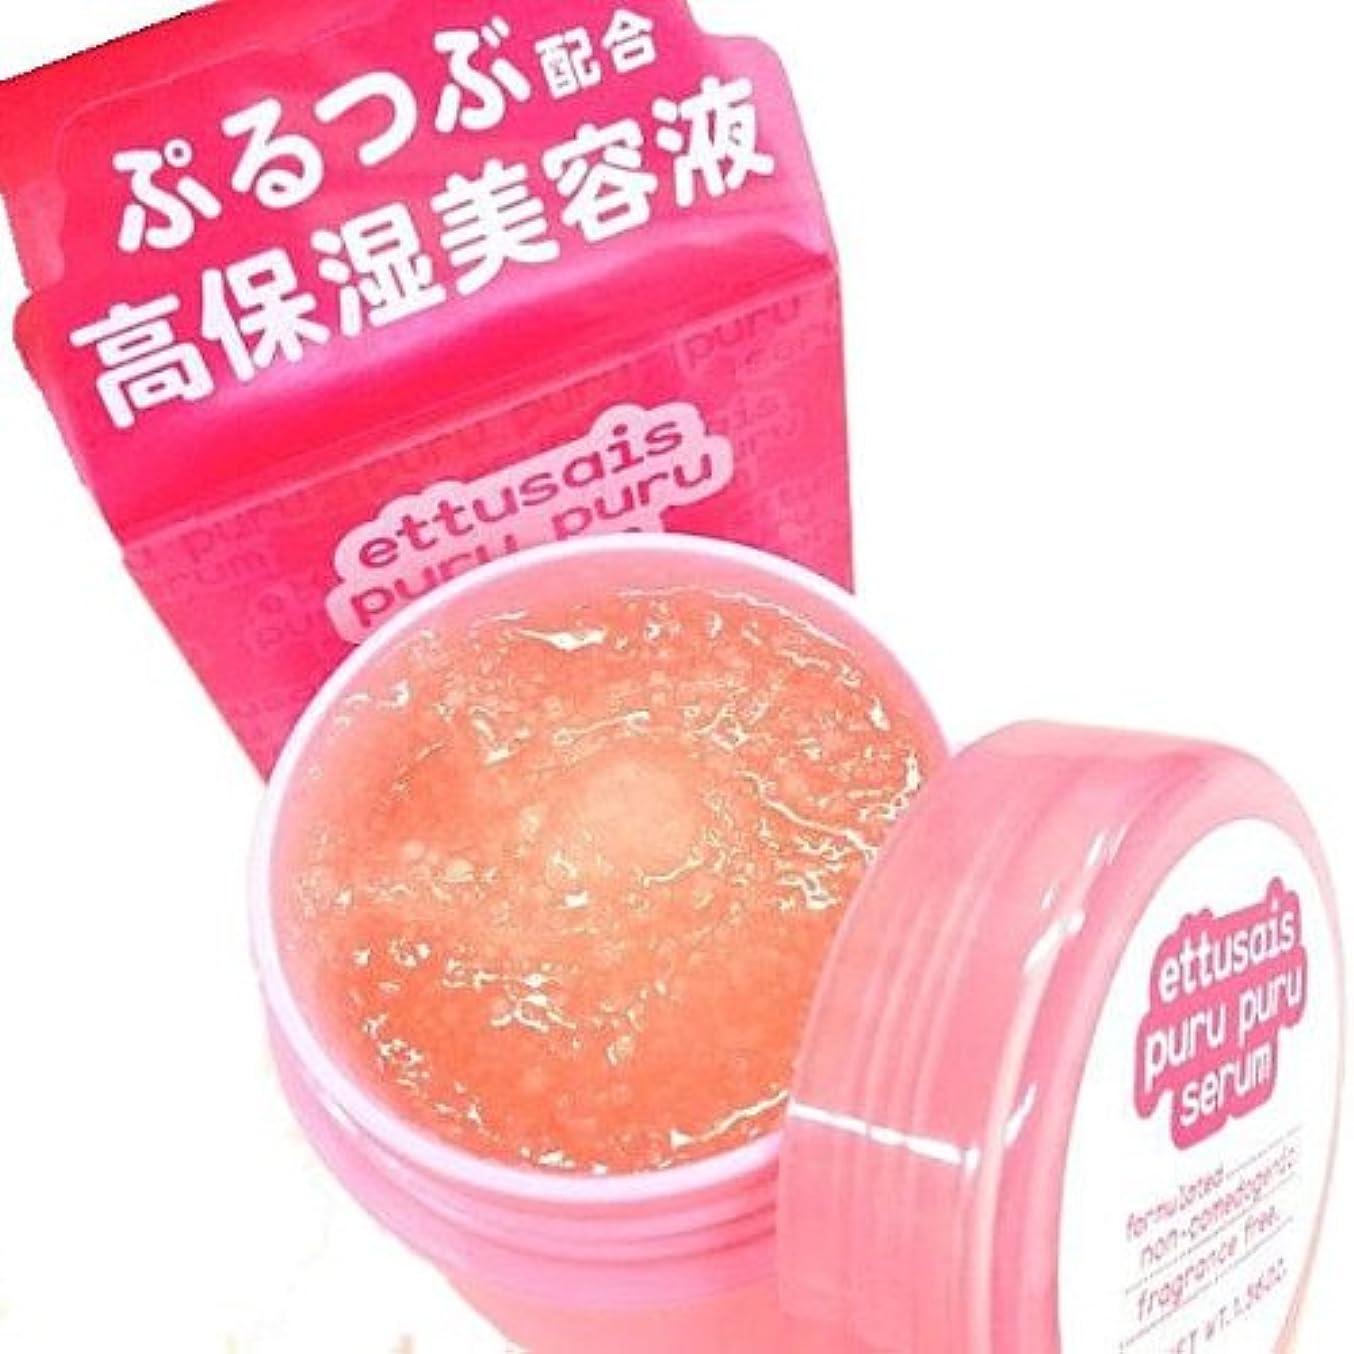 スタッフ一元化する差別するエテュセ ぷるつぶセラム 47g(濃厚保湿美容液)